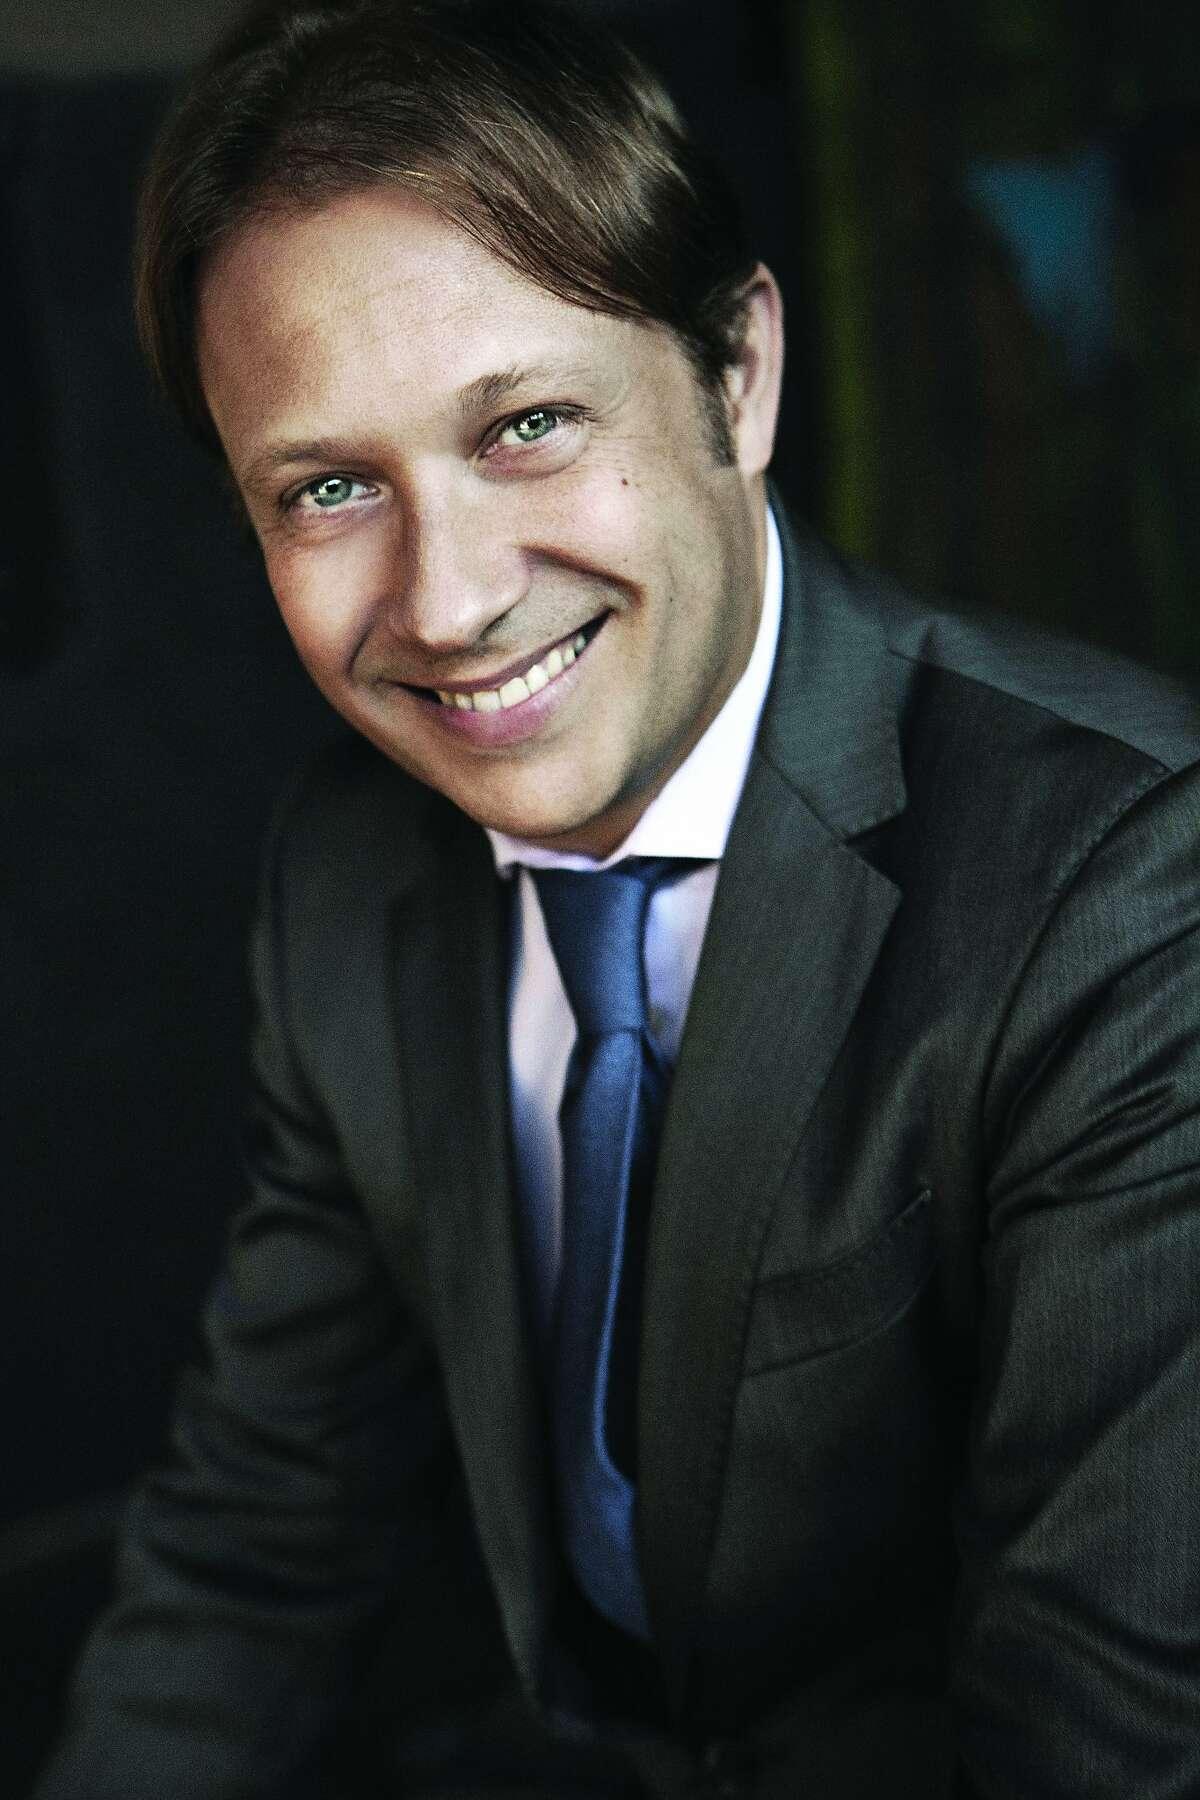 Conductor Ludovic Morlot